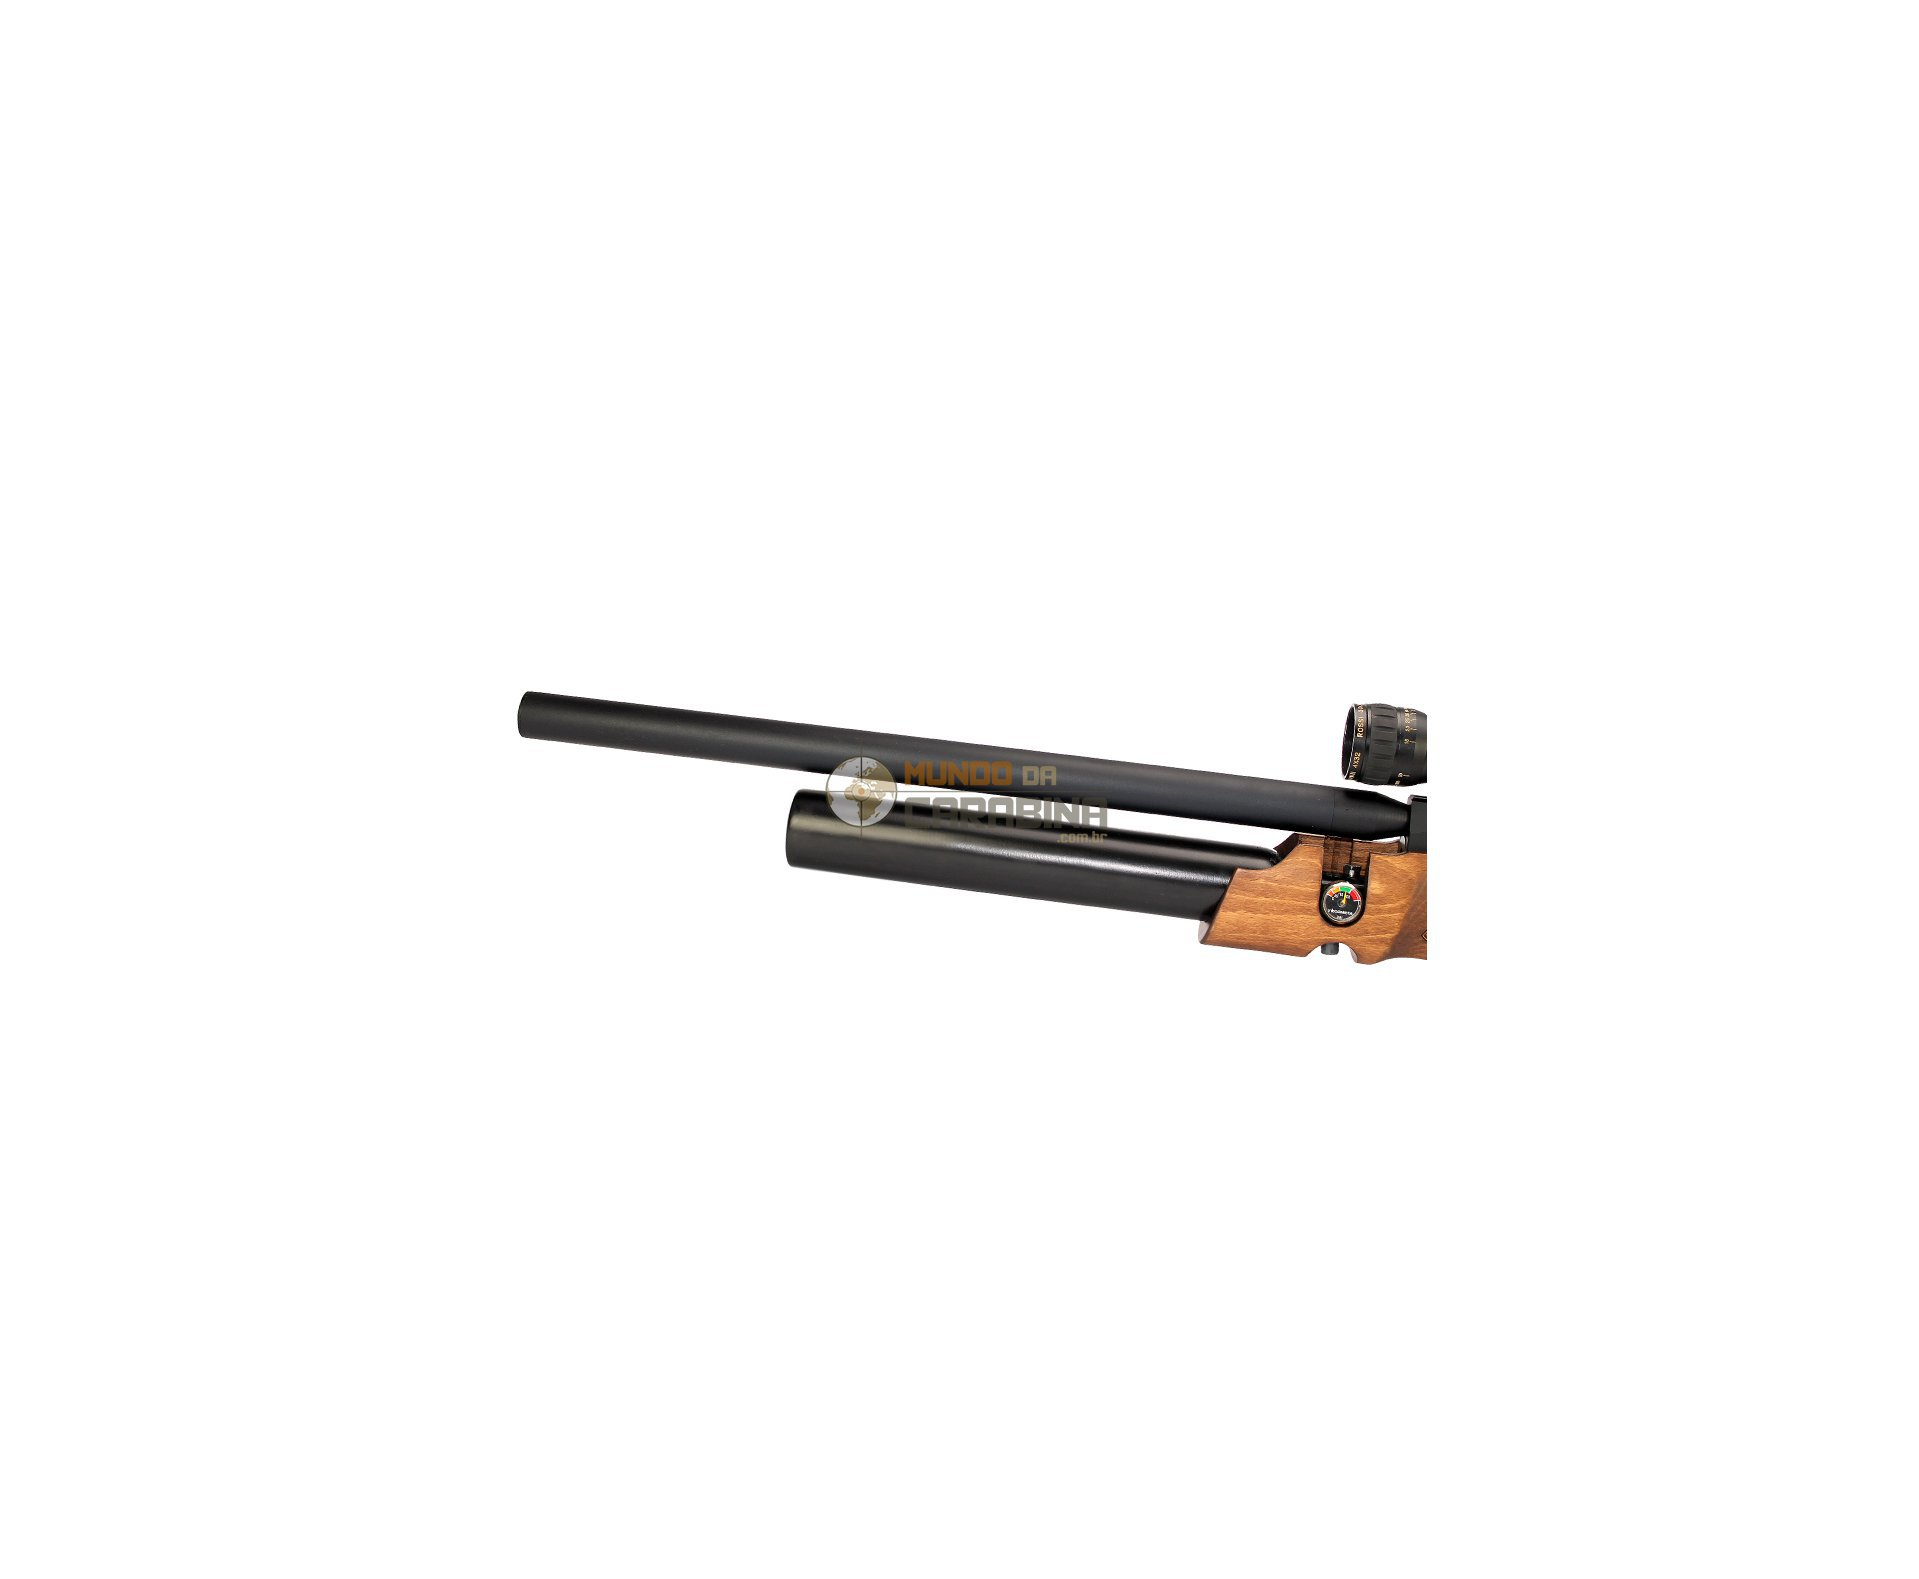 Carabina De Pressão Cometa Lynx V10 - Calibre 5,5 Mm - Pcp   Luneta 4x32